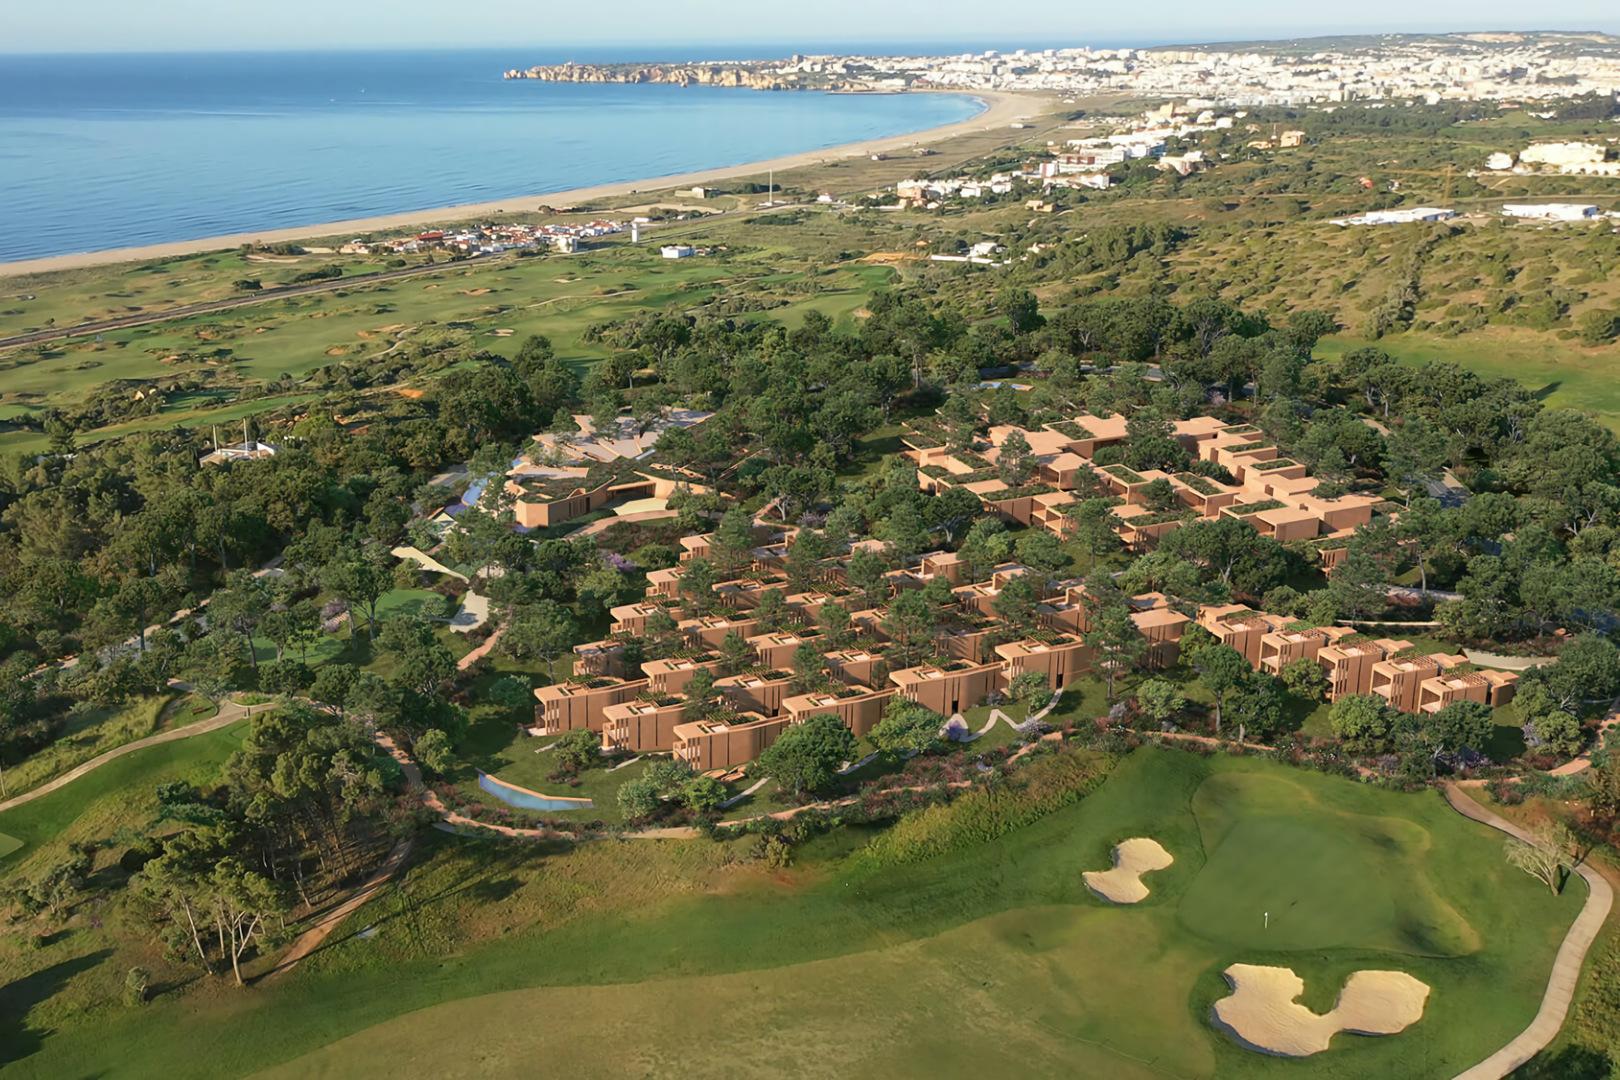 Villas at Palmares